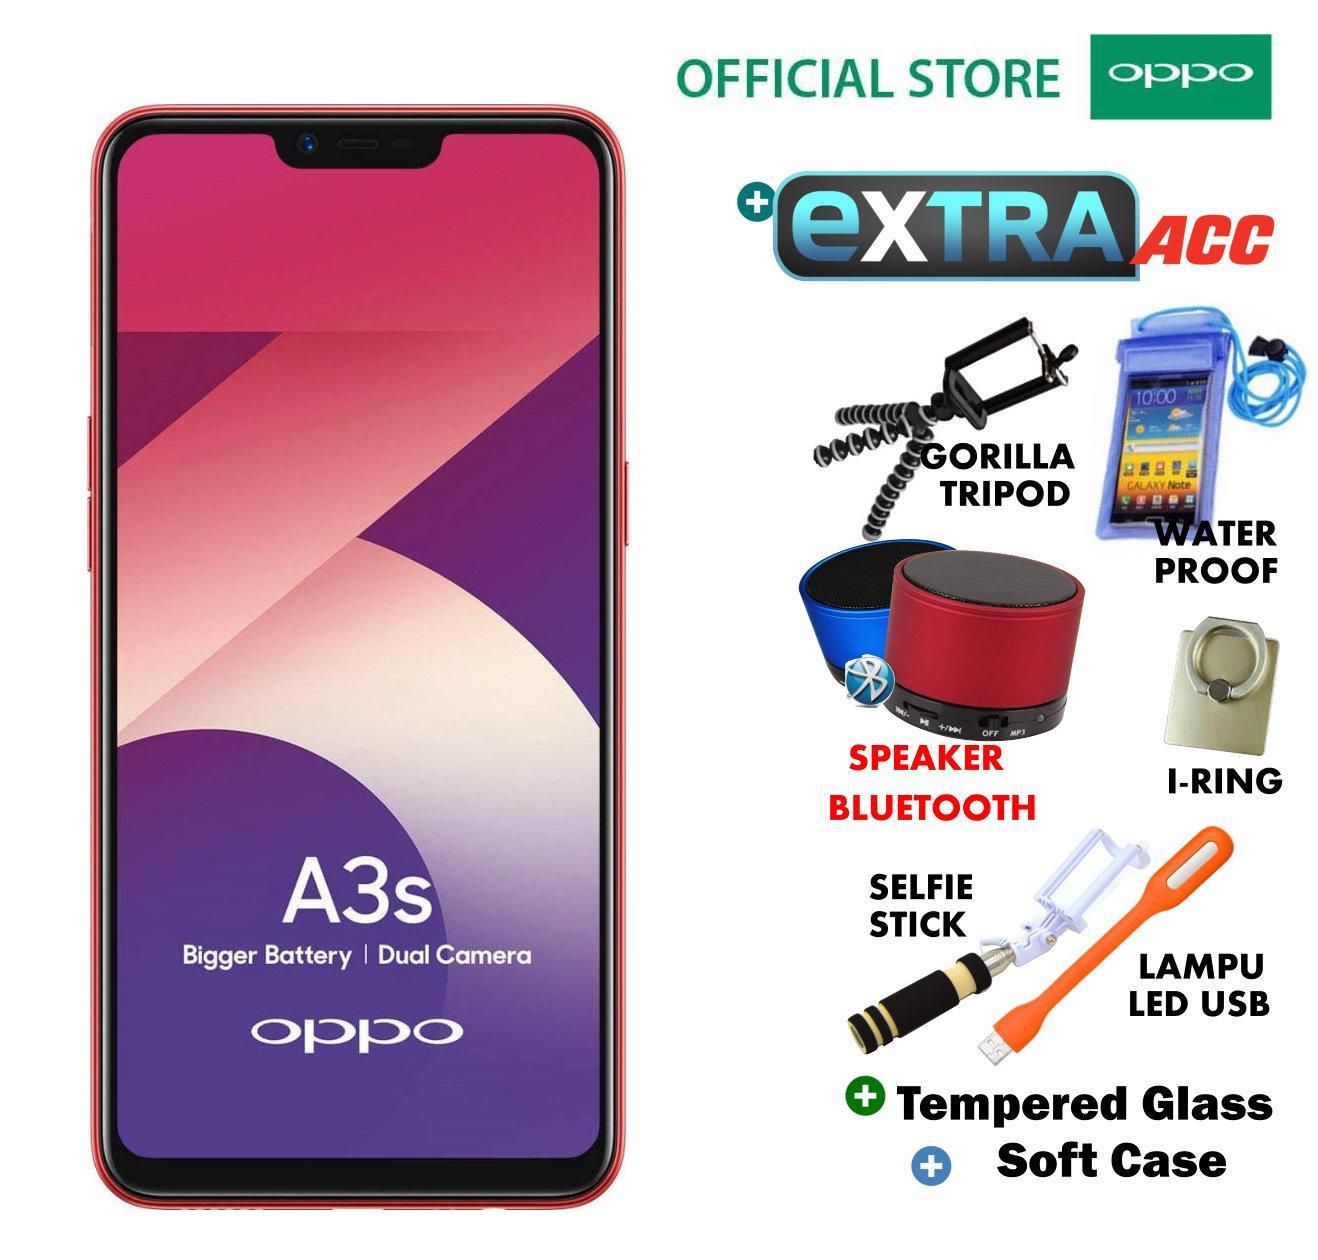 Oppo A3S 2GB/16GB - Plus Extra Bonus